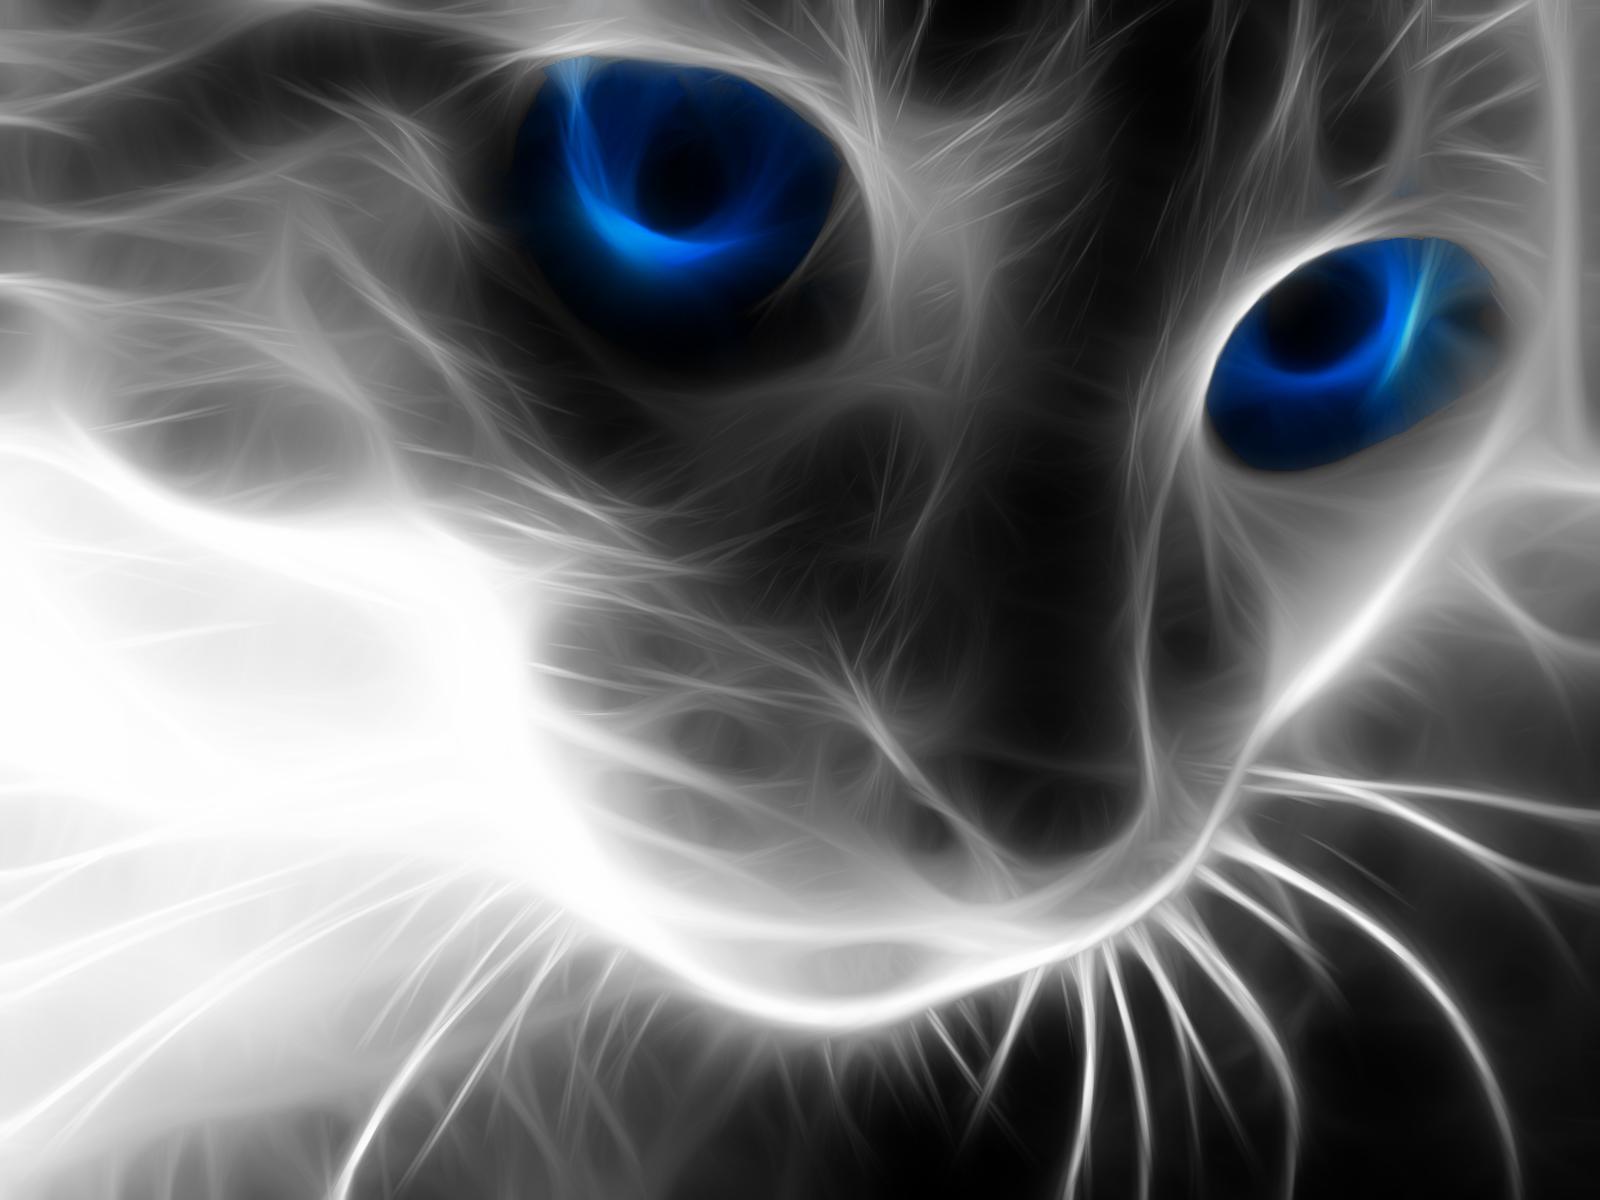 http://3.bp.blogspot.com/-ewvfCkcO8oA/TrlZUAwrNQI/AAAAAAAAAIc/gNp95xsnjGE/s1600/Blue%2Beyes%2Bcat.png